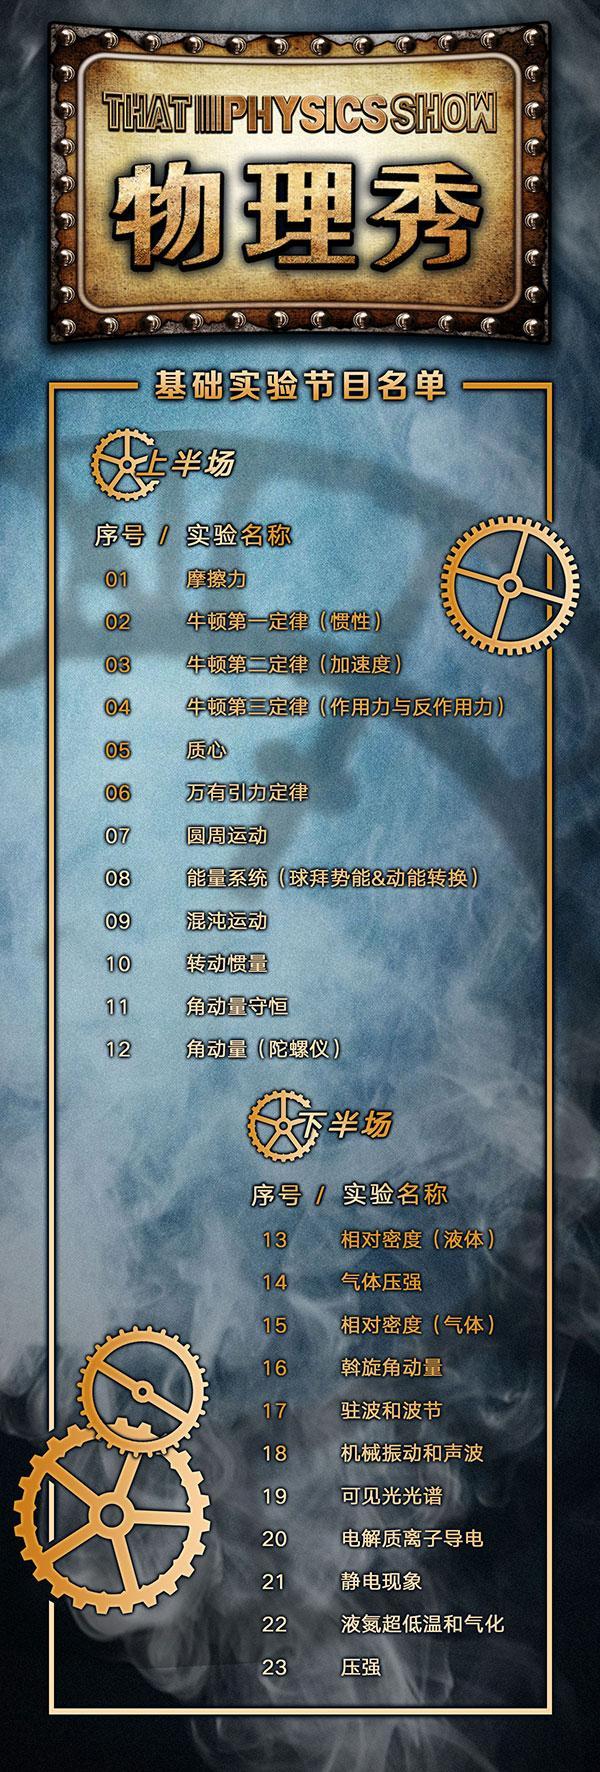 大船文化·百老汇互动亲子科学剧《物理秀》中文版-苏州站